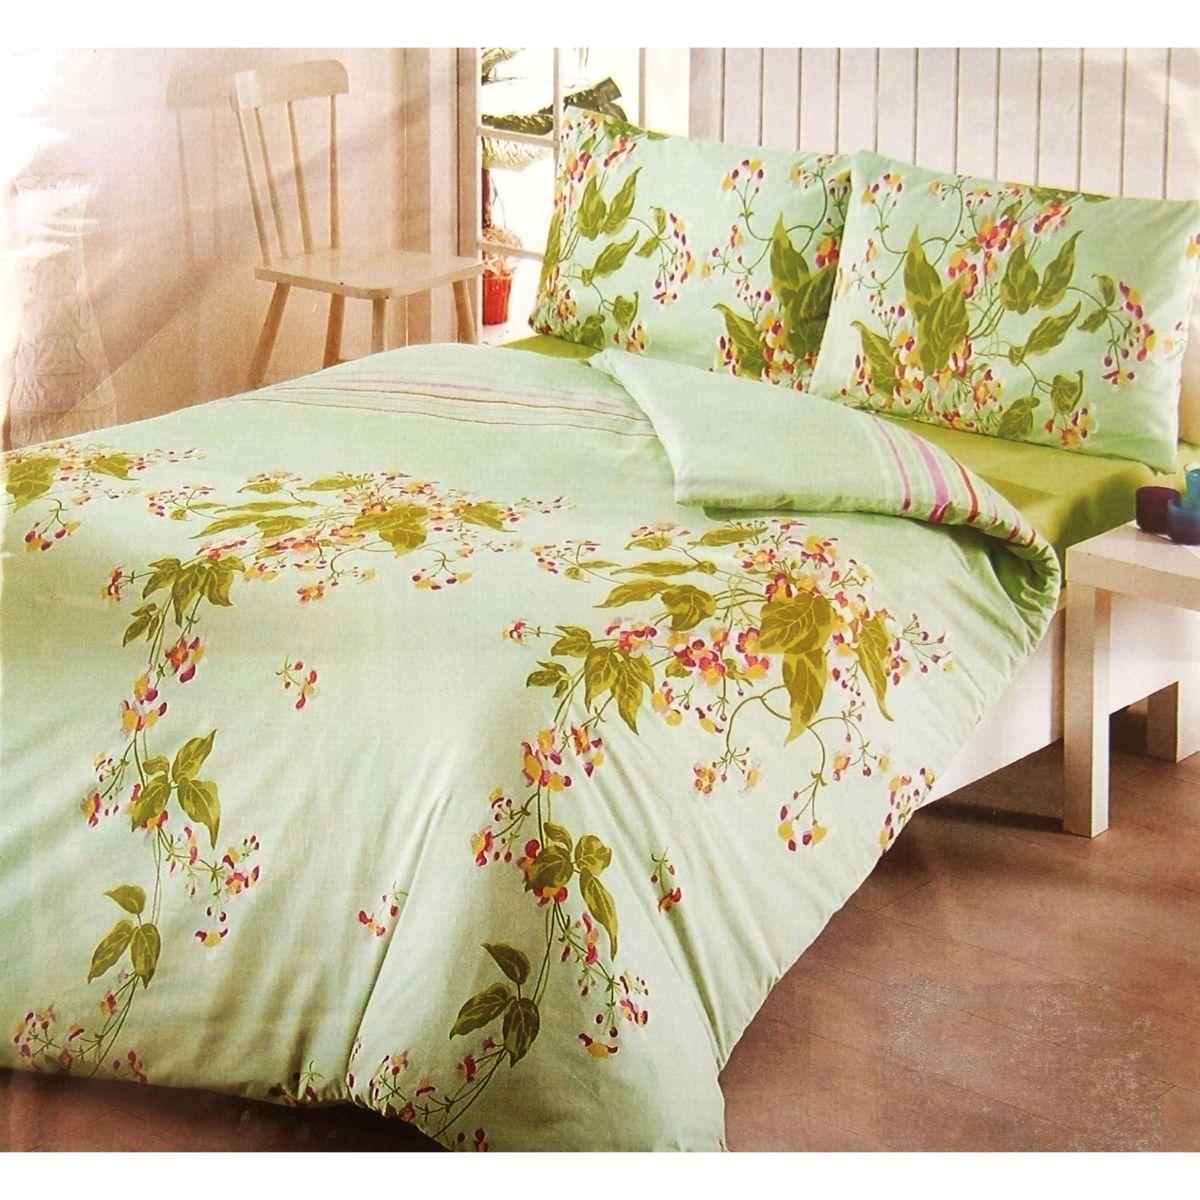 Комплект белья ANTALYA, 1,5-спальный, наволочки 70x70. 824696824696произведено из высококачественного турецкого хлопка, простынка на резинке, пододеяльник и наволочки на замке